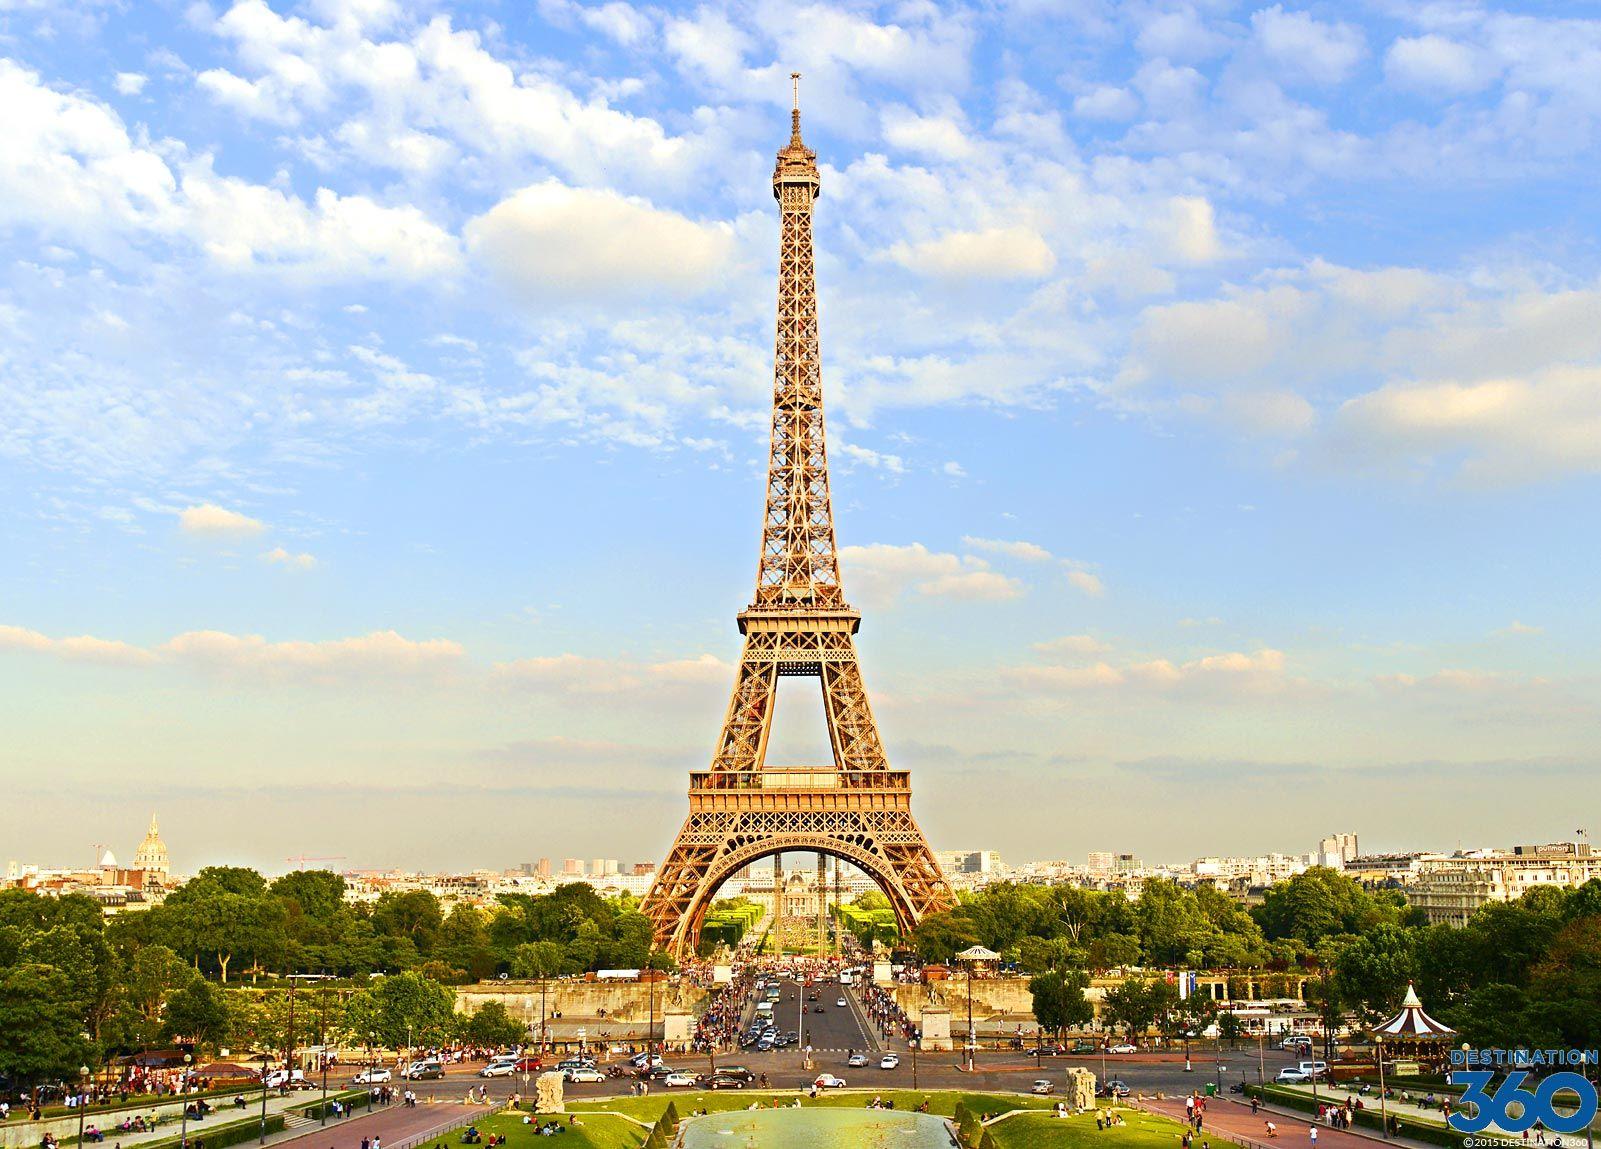 paris france get details on paris tourist attractions including